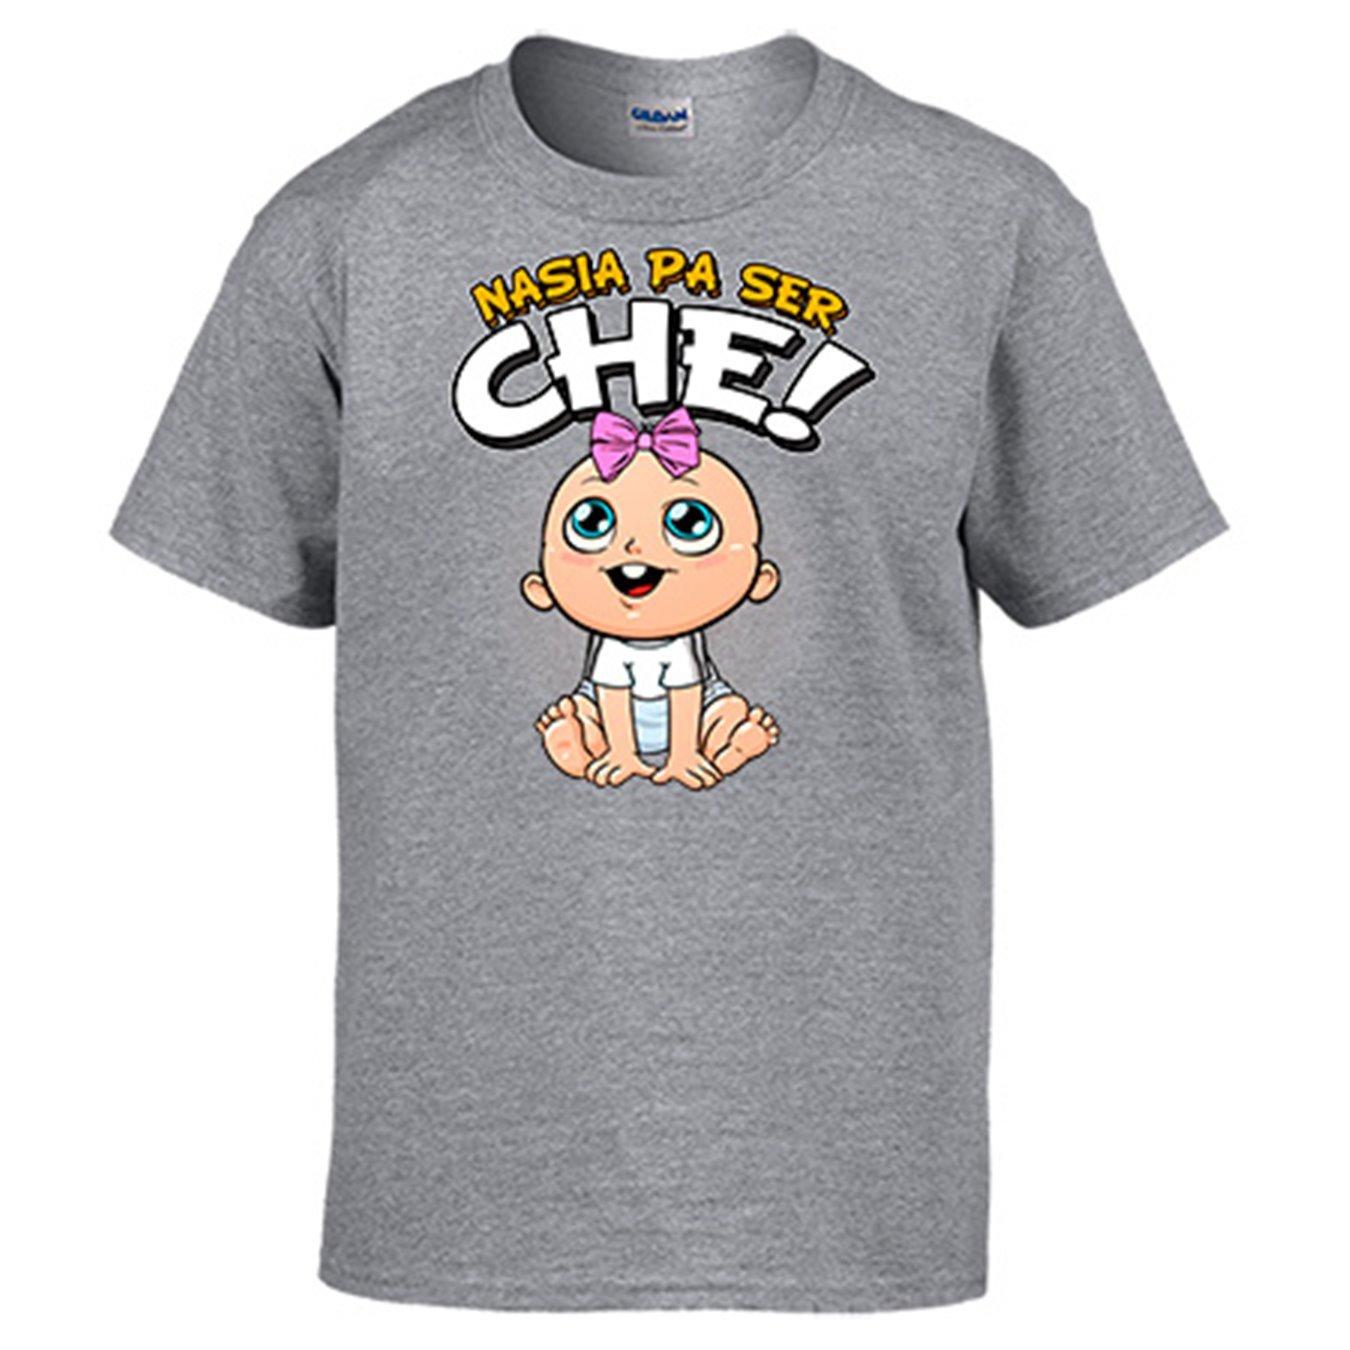 Camiseta nacida para ser Ché Valencia fútbol: Amazon.es: Ropa y accesorios